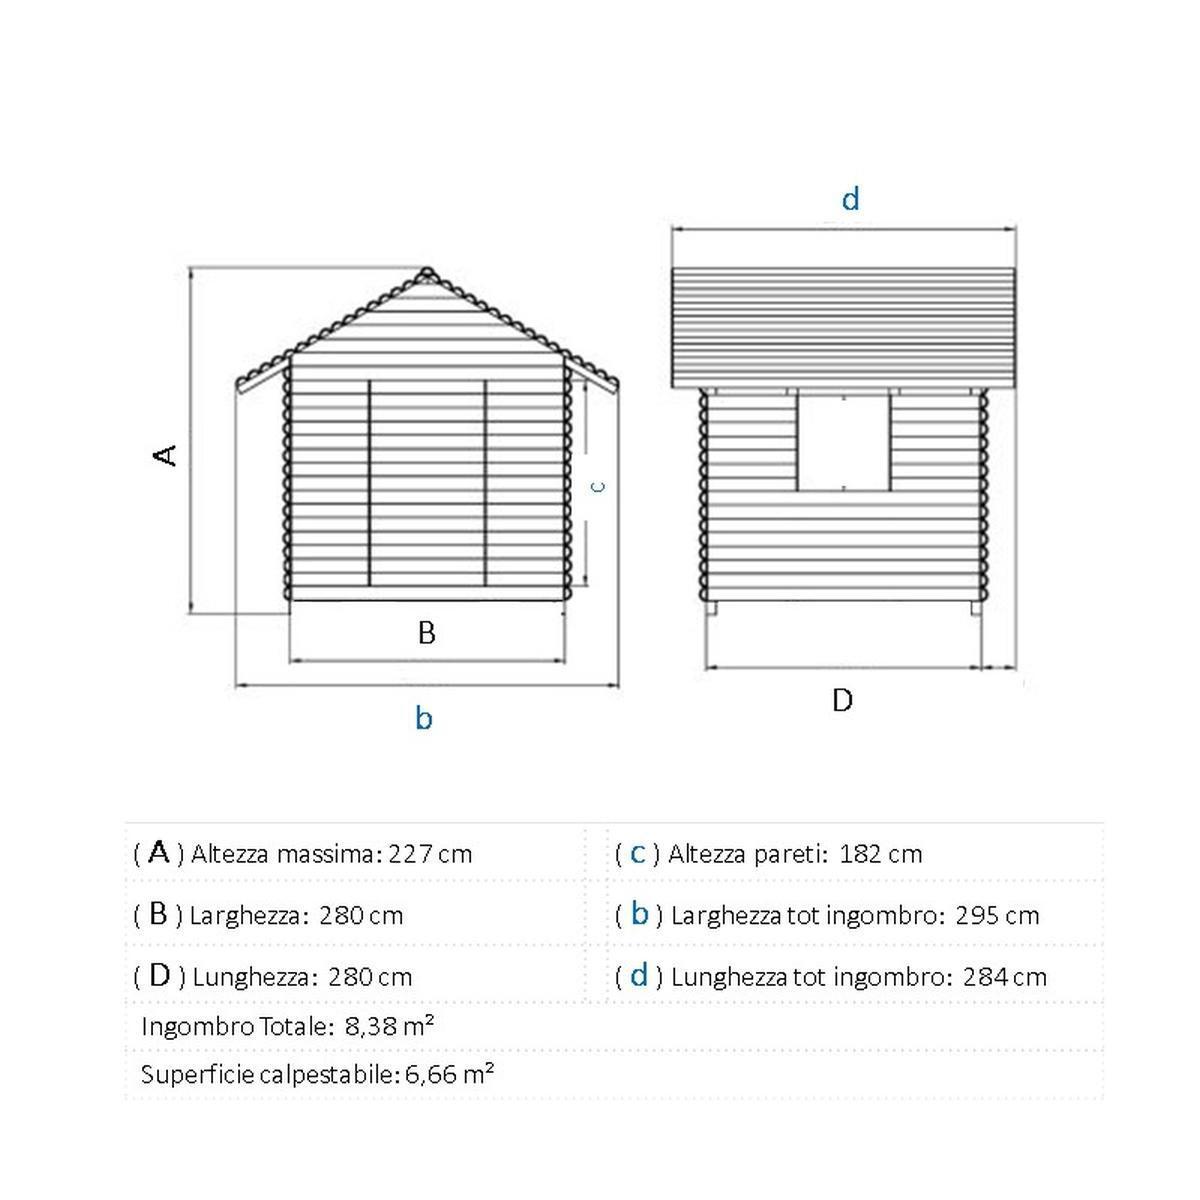 Casetta da giardino in legno Elista, superficie interna 6.66 m² e spessore parete 19 mm - 2